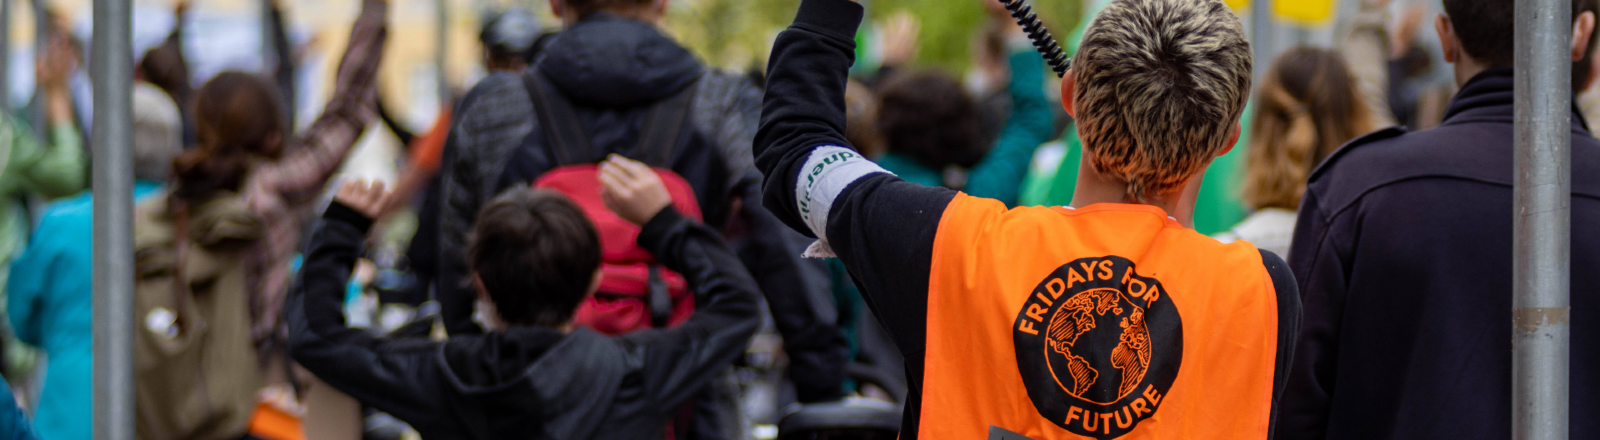 Demonstrierende der Fridays For Future Demo Karlsruhe: Klimaklage ernst nehmen! Für ein ausreichendes Klimaschutzgesetz 12.05.2021